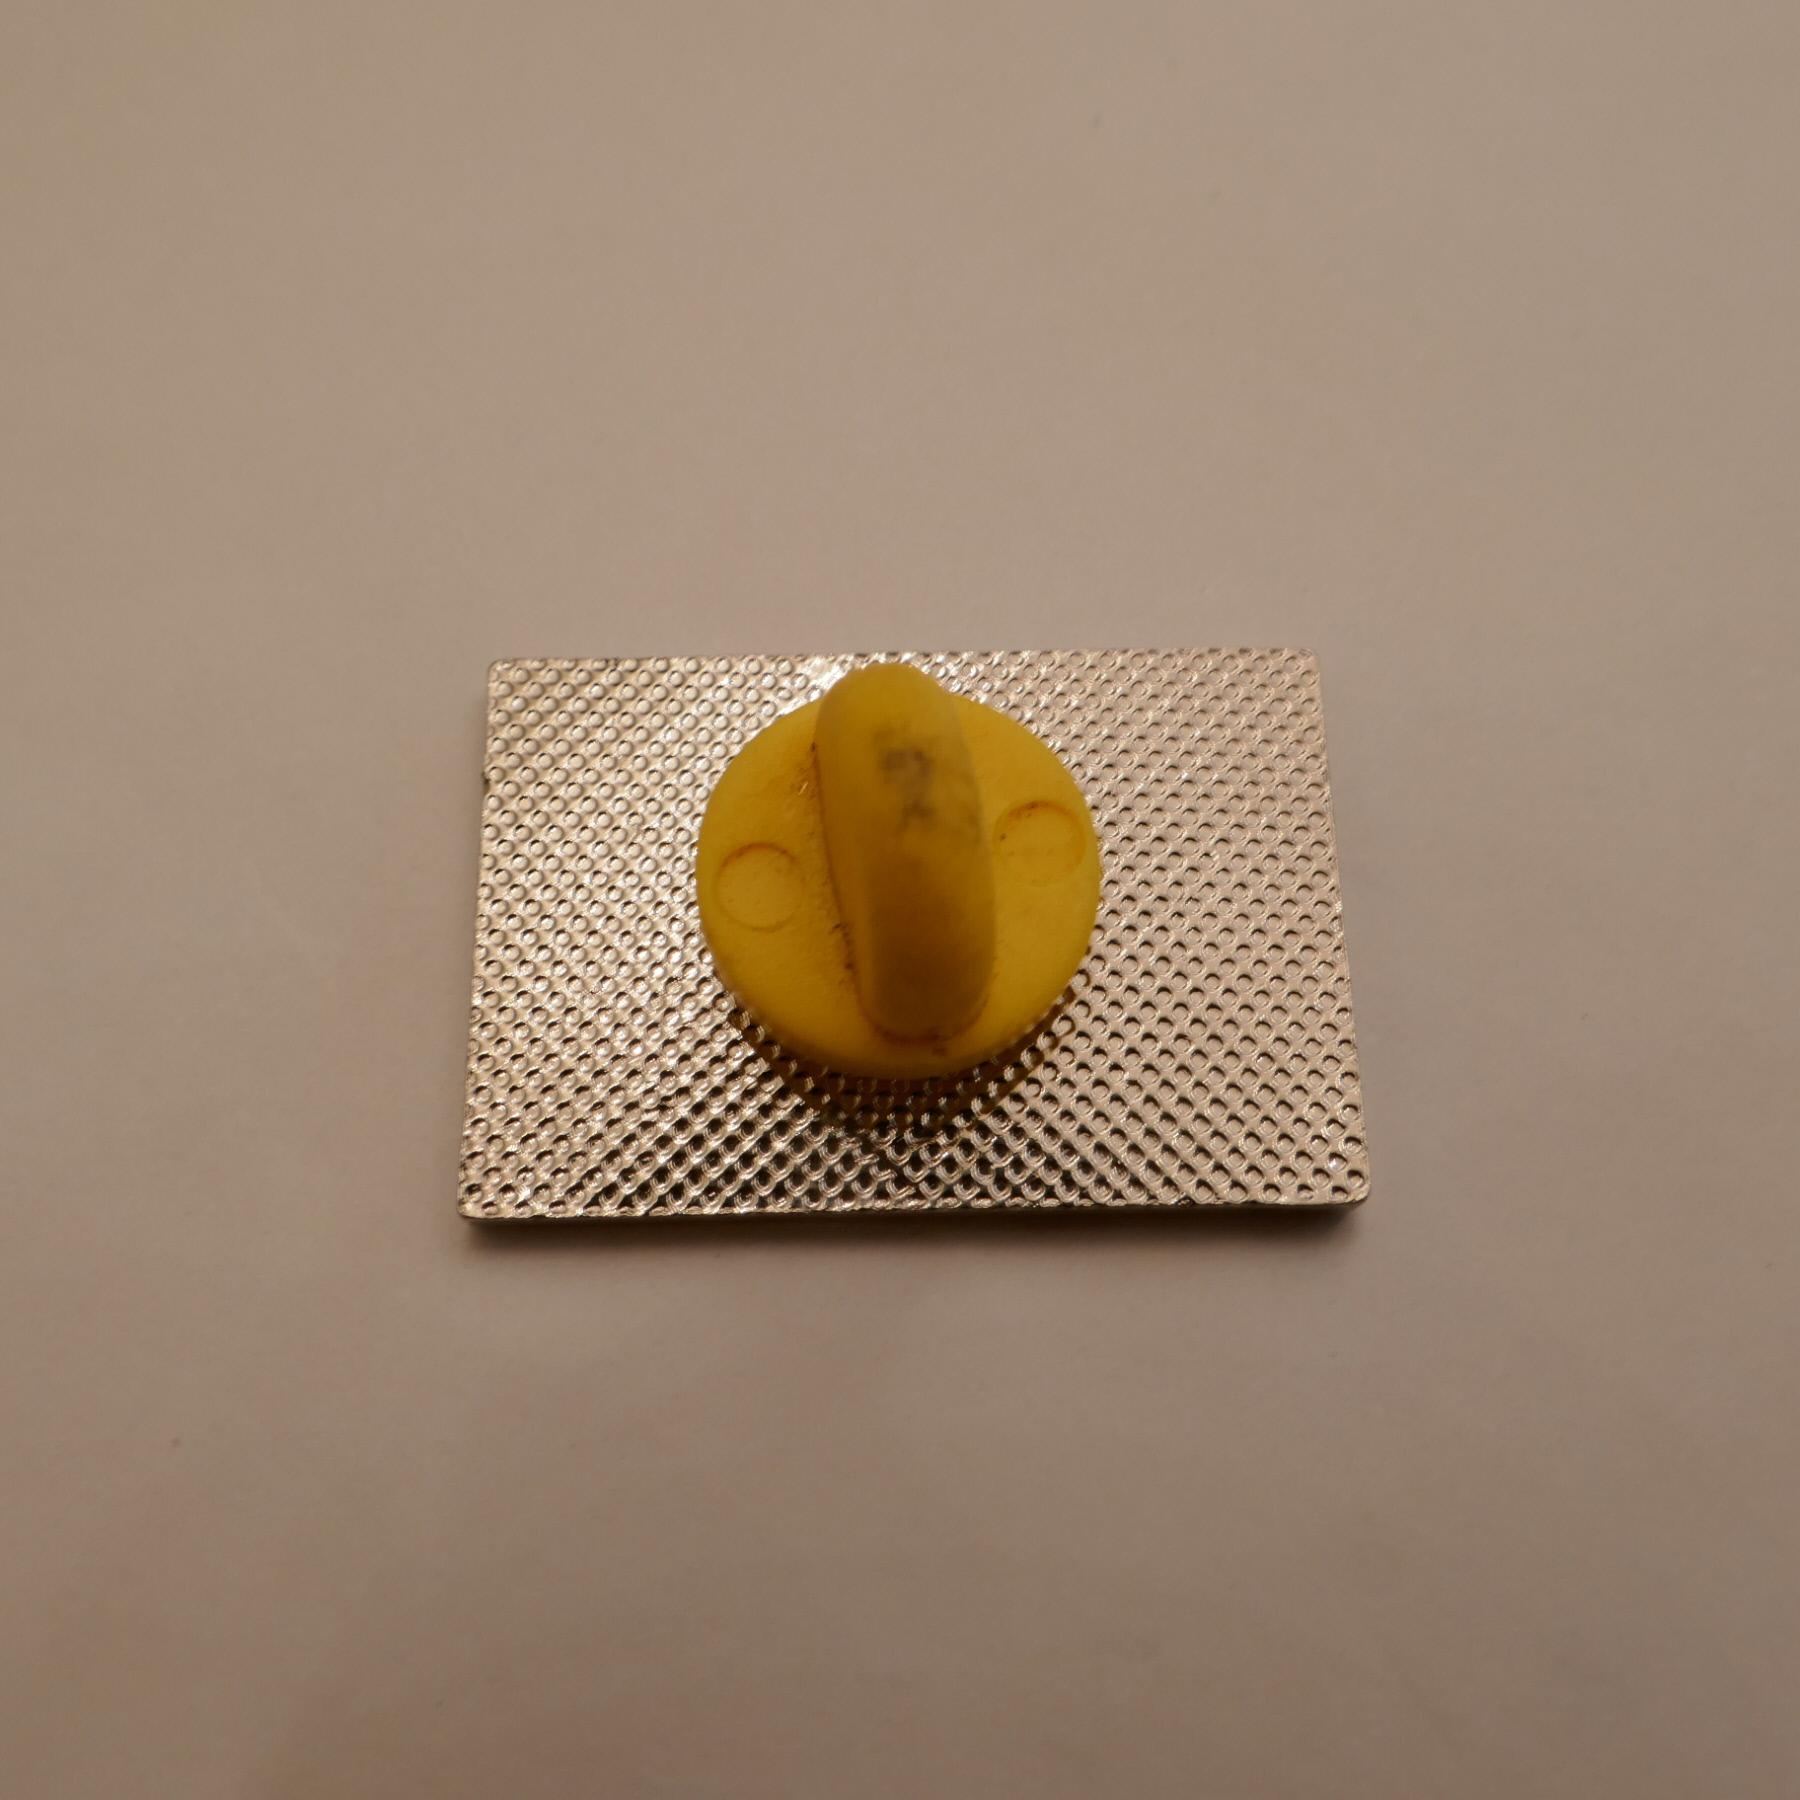 DAIHATSU pins